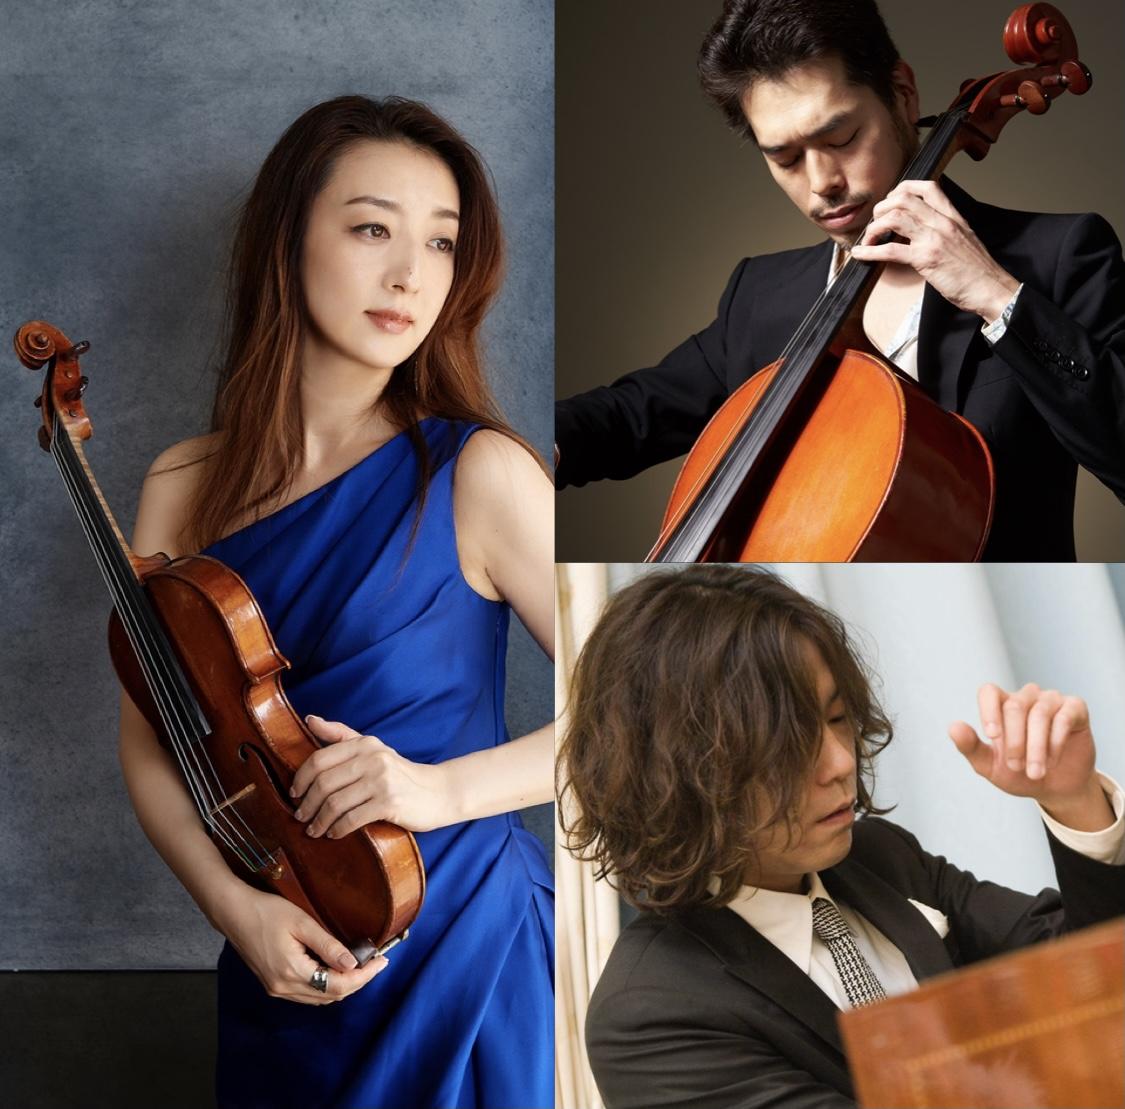 【配信】魅惑のクラシカルジャズ~バイオリンの誘い